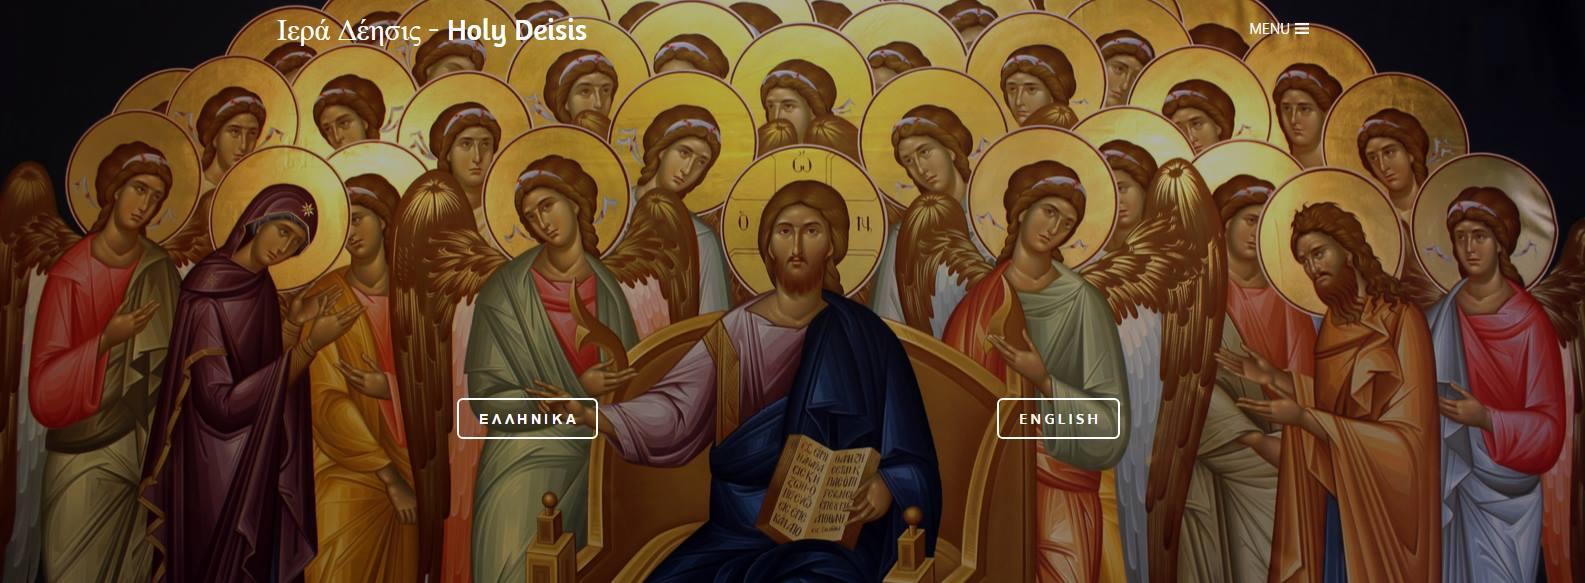 Εκκλησιαστικά Νέα Πτολεμαϊδας